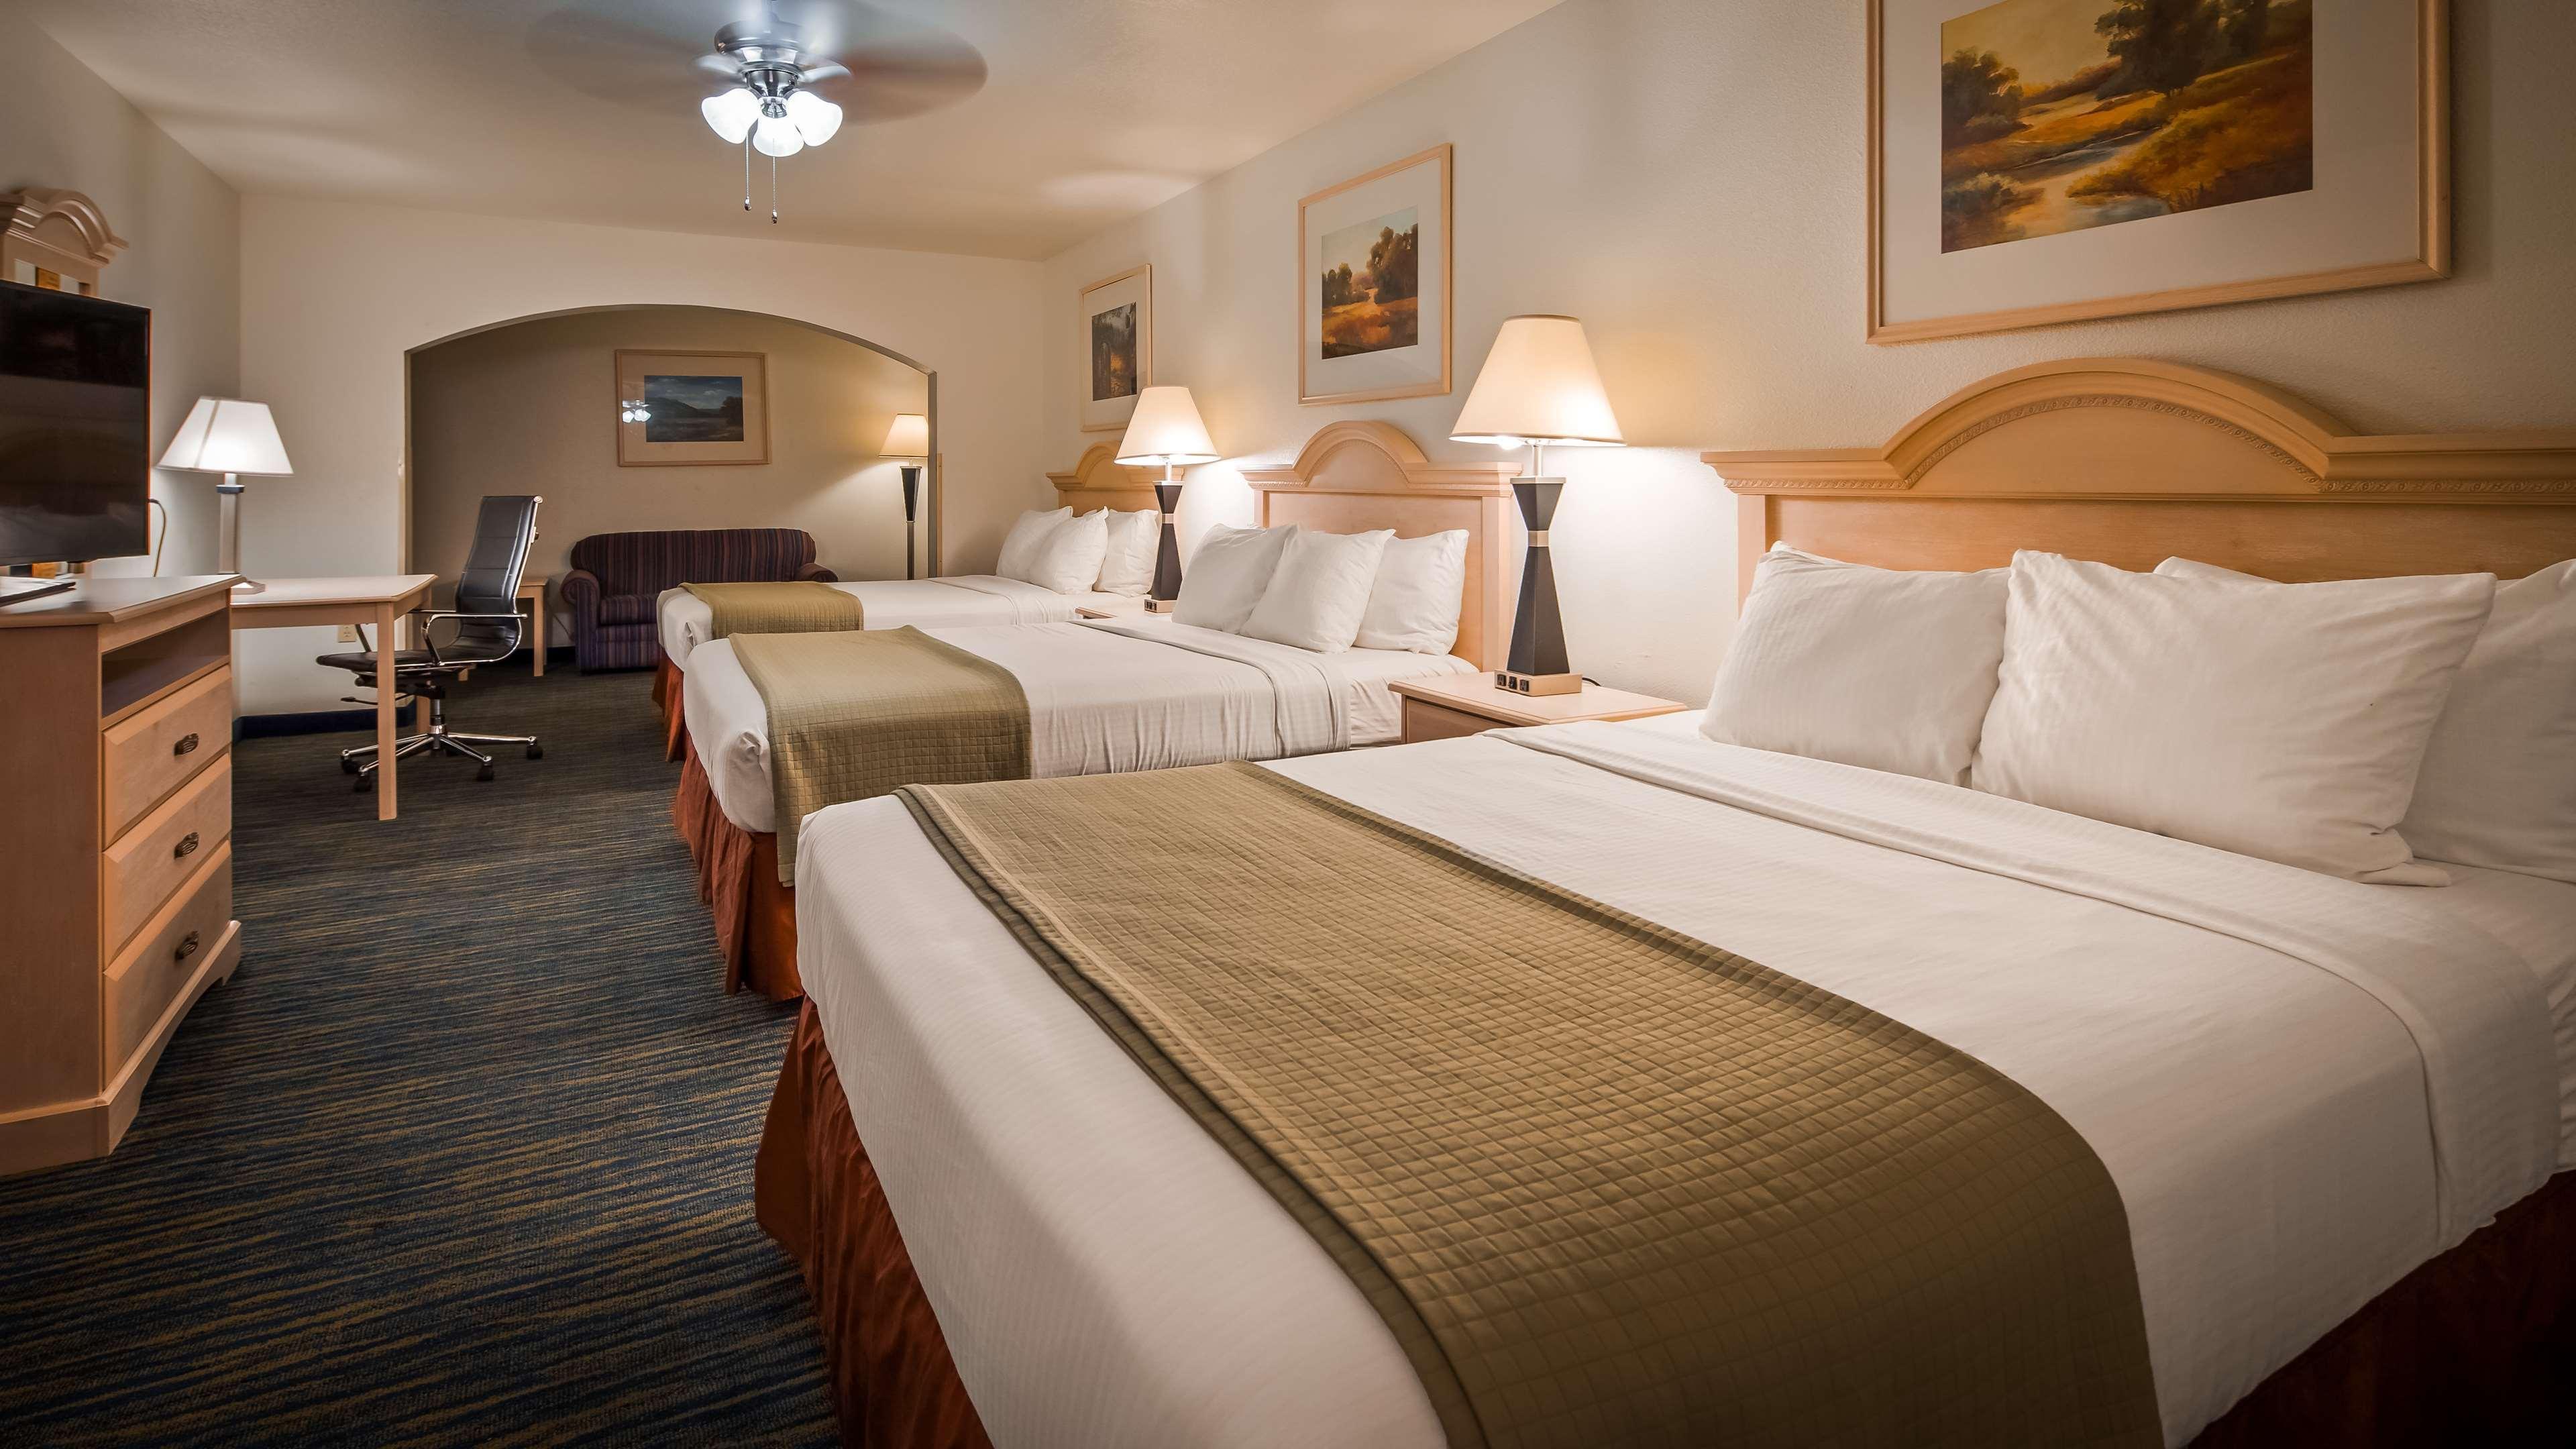 SureStay Hotel by Best Western Falfurrias image 35